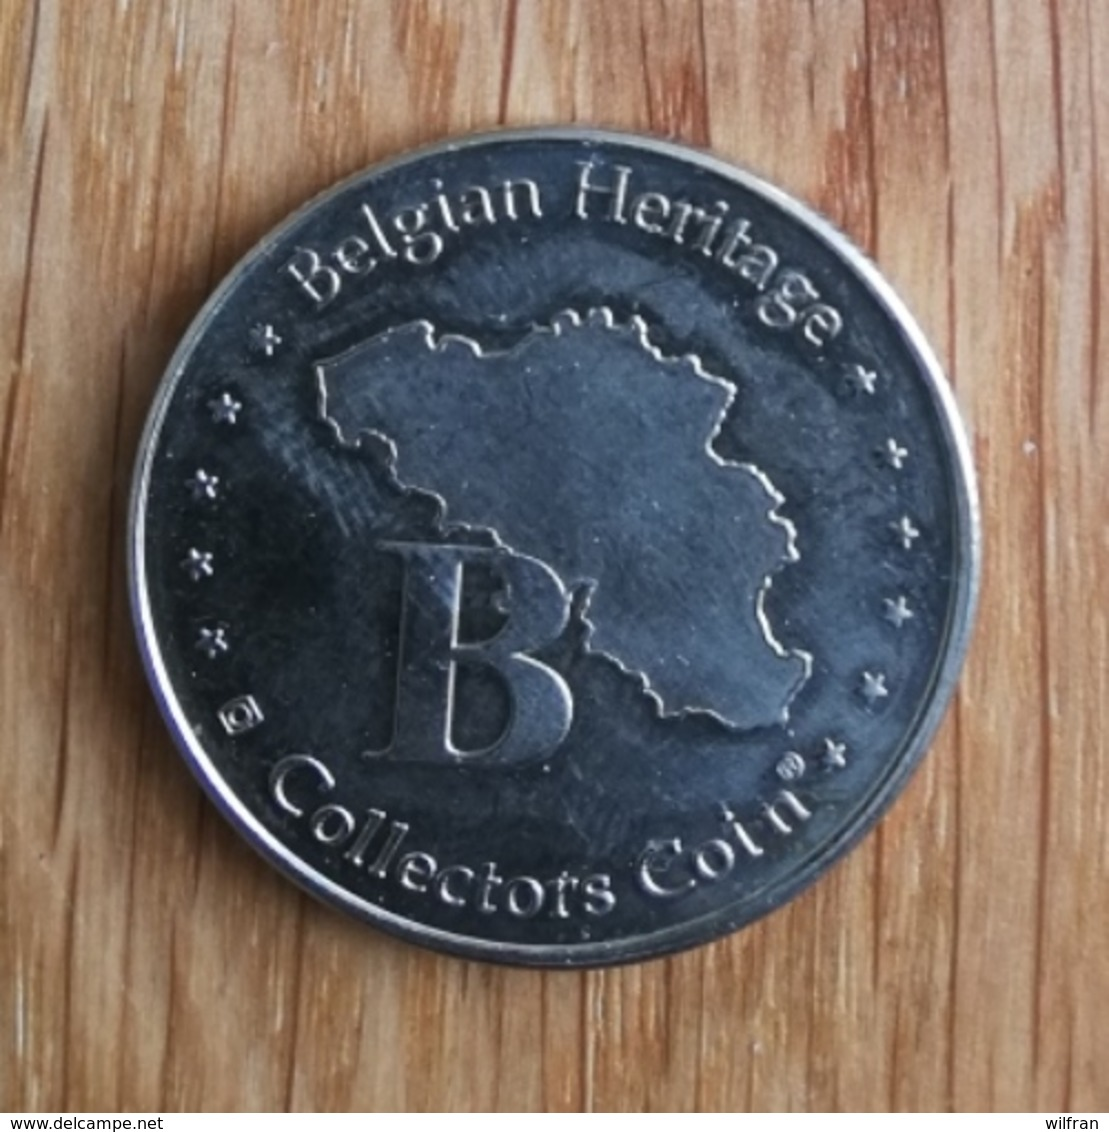 3249 Vz Nello & Patrasche - Kz Belgian Heritage Collectors Coin - België